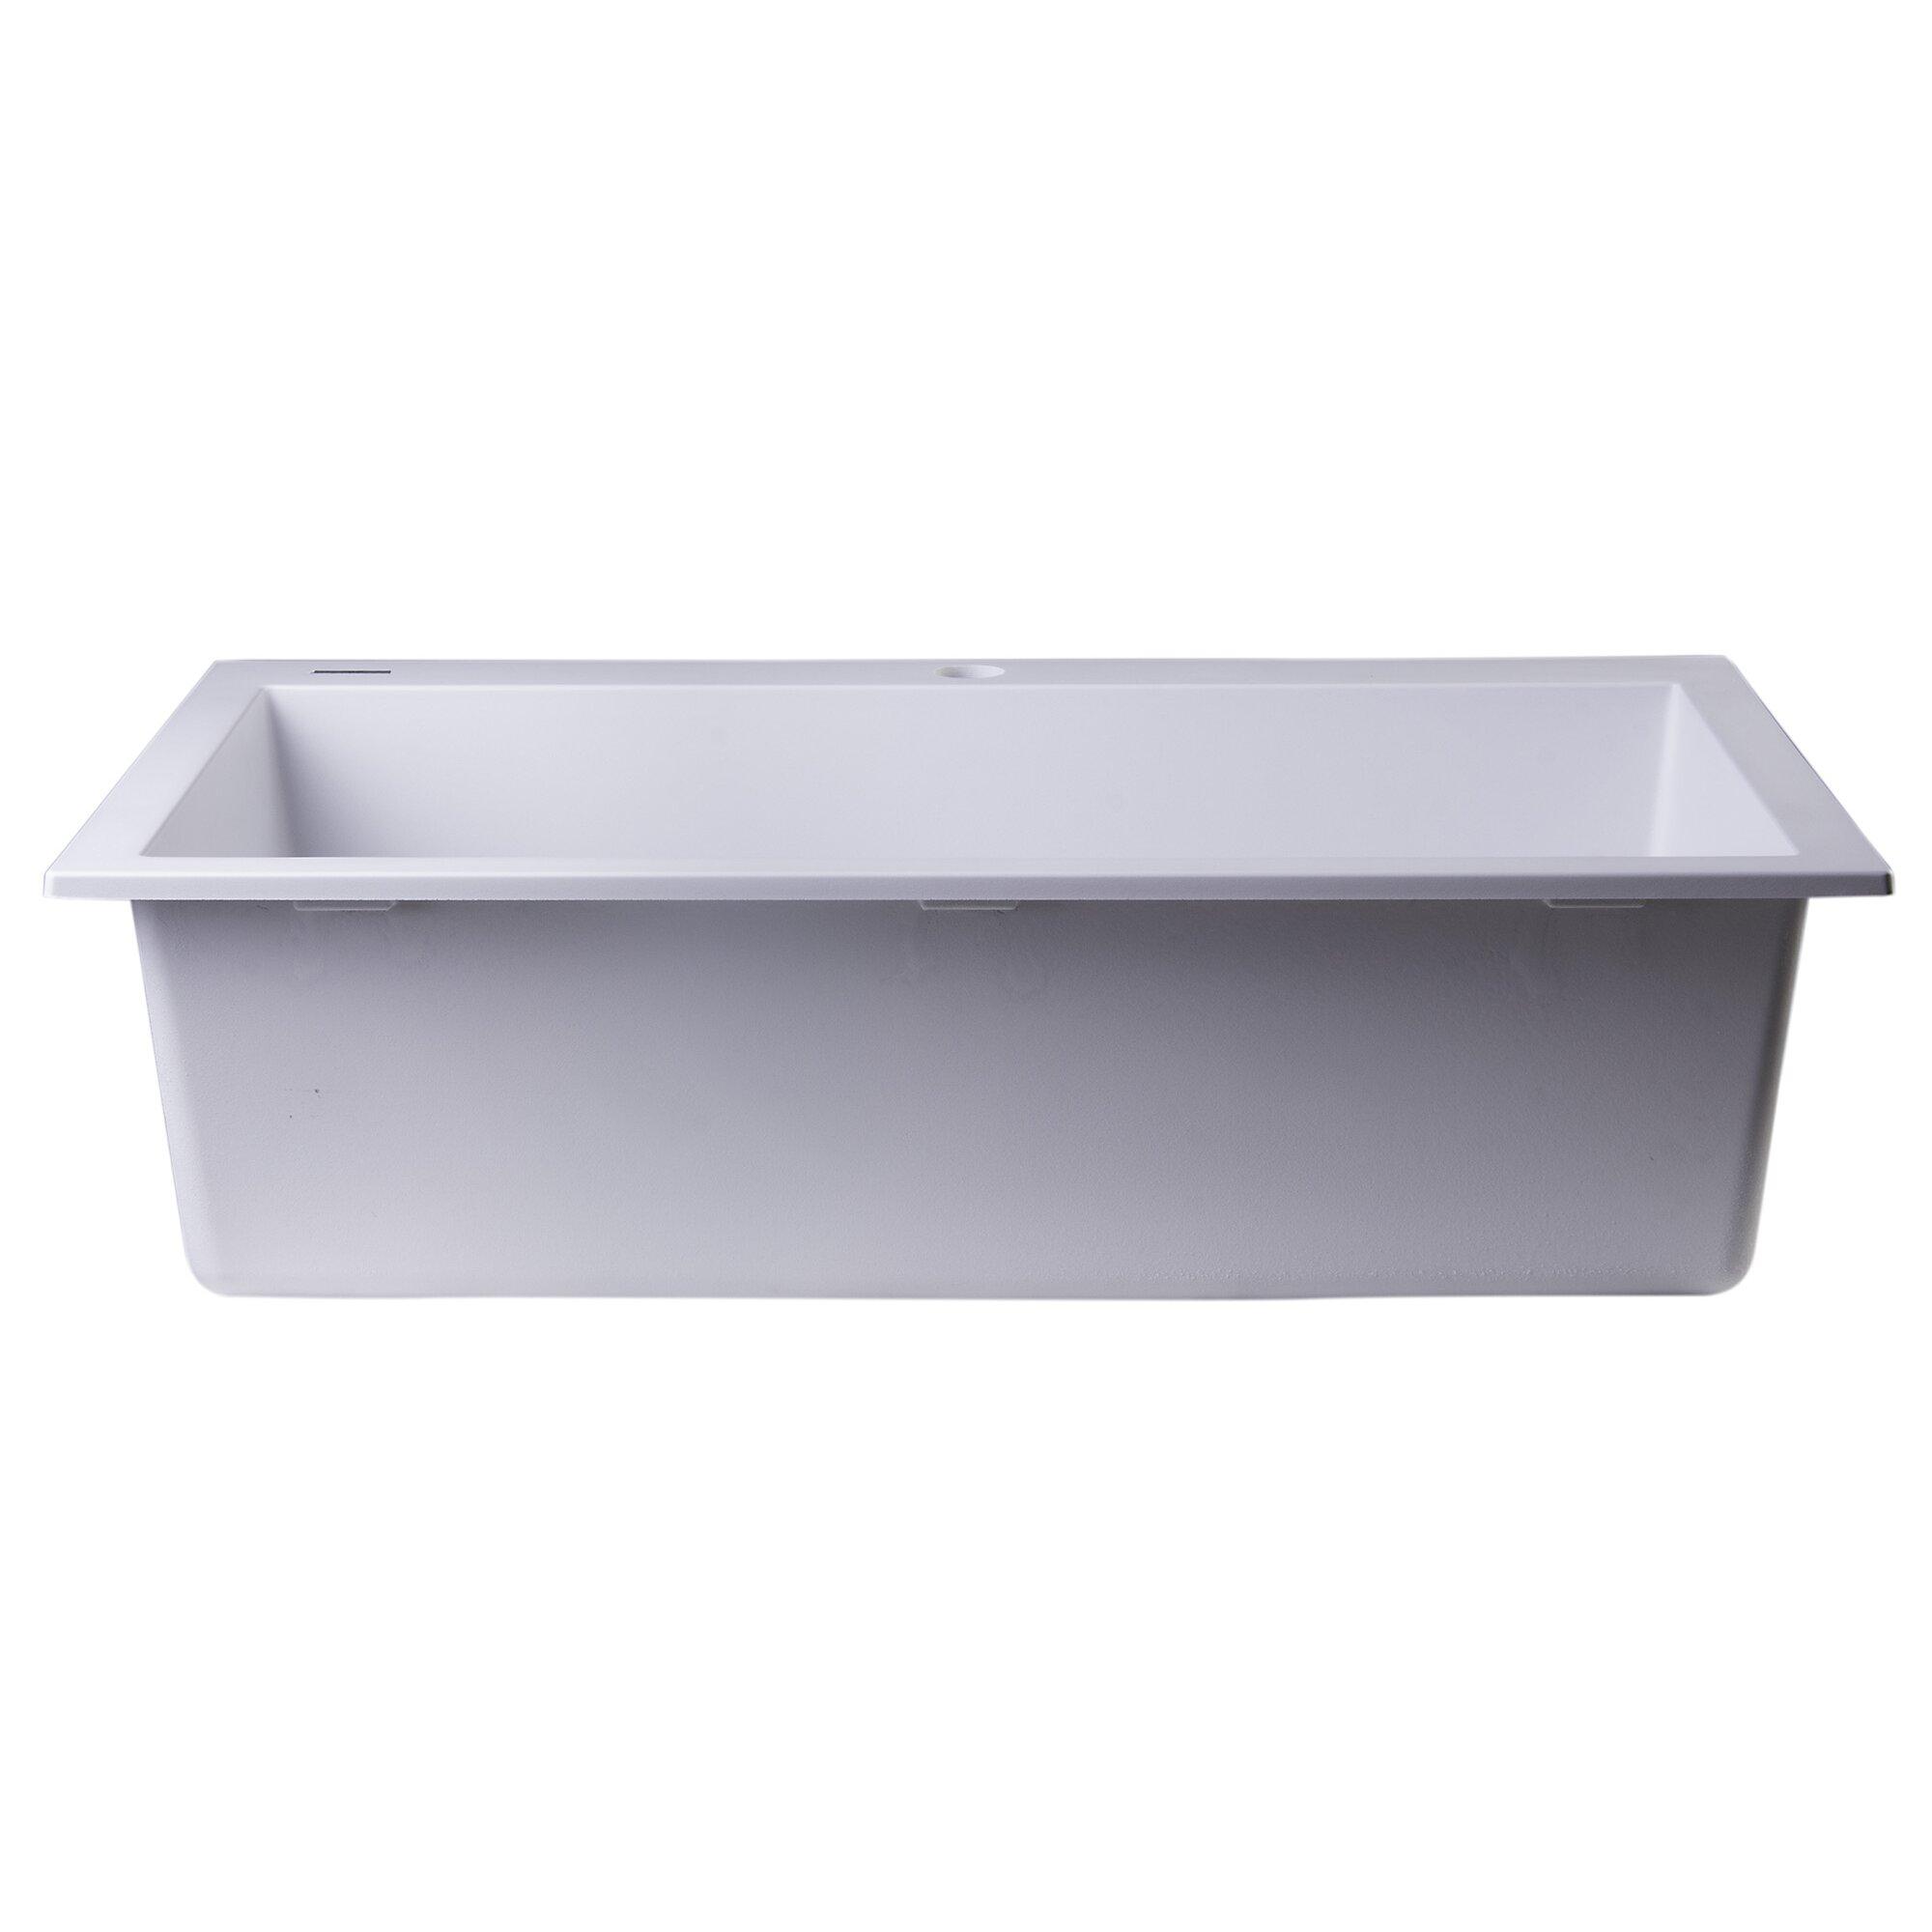 gray kitchen sink 30 x 20 drop in single bowl kitchen sink